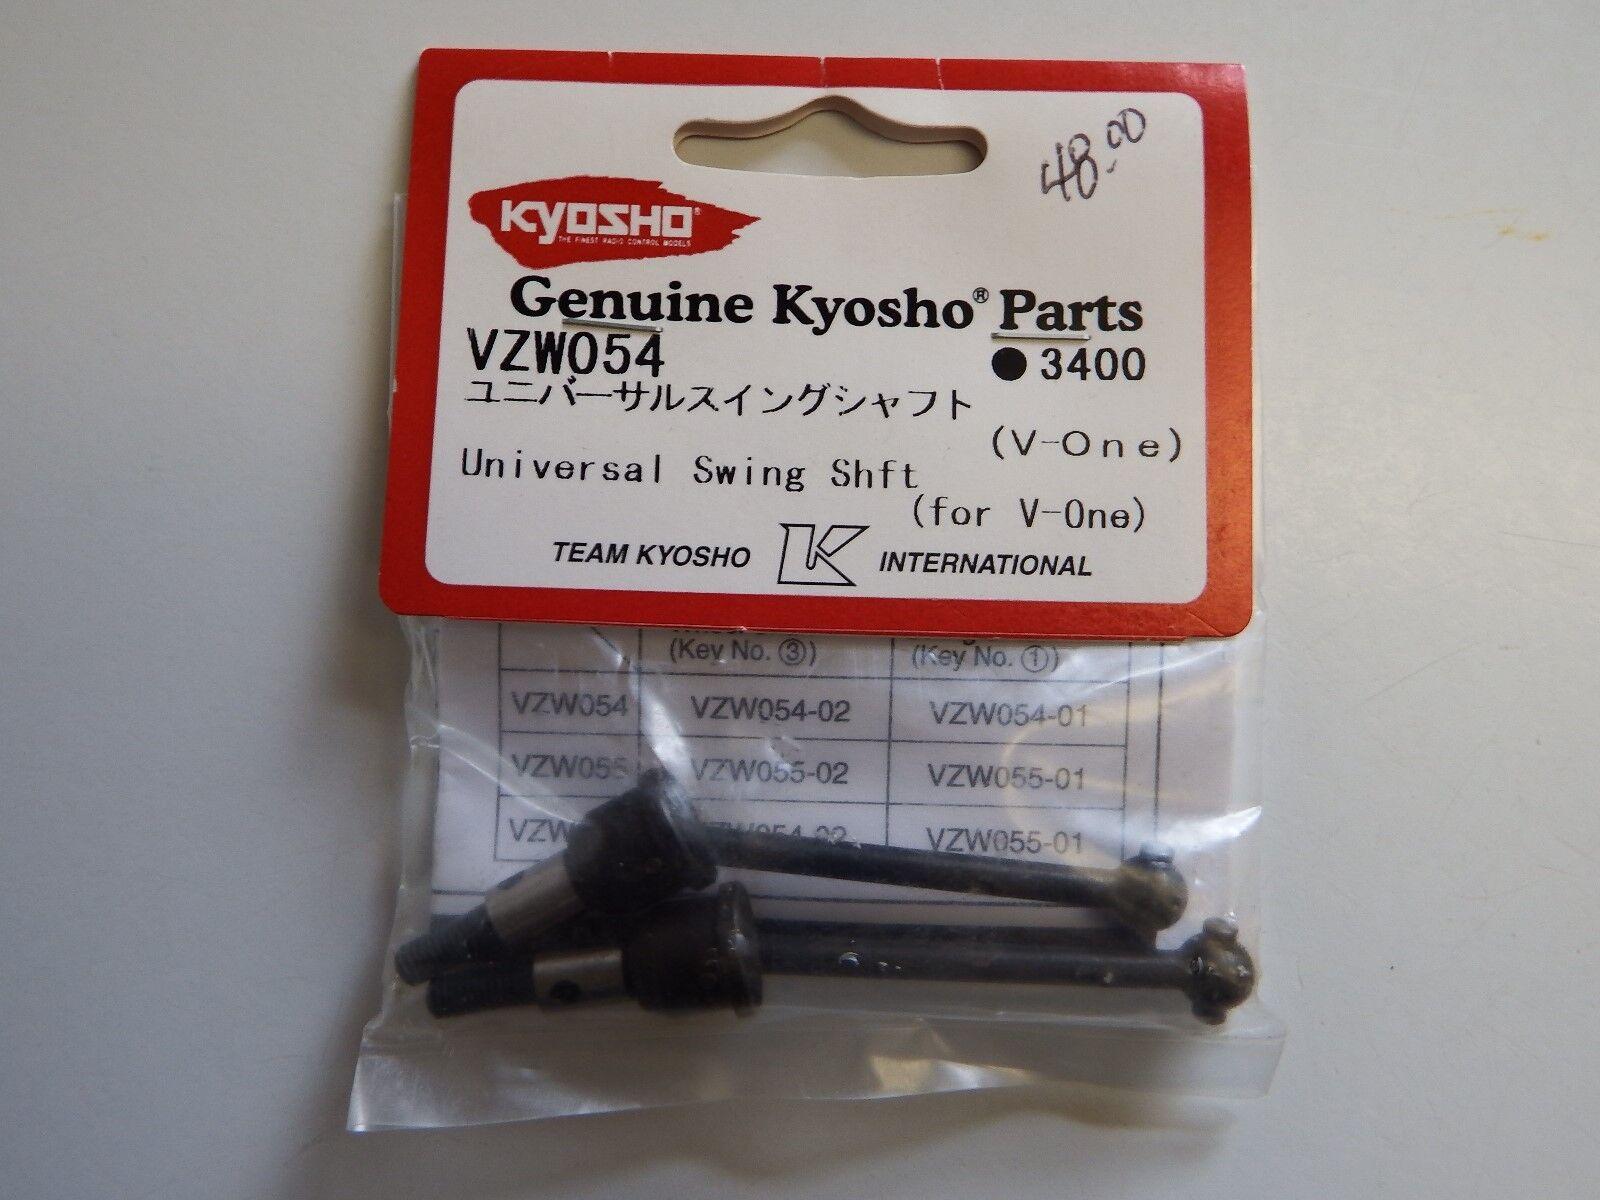 KYOSHO Universal Swing Shft (V-One) - Model VZW054